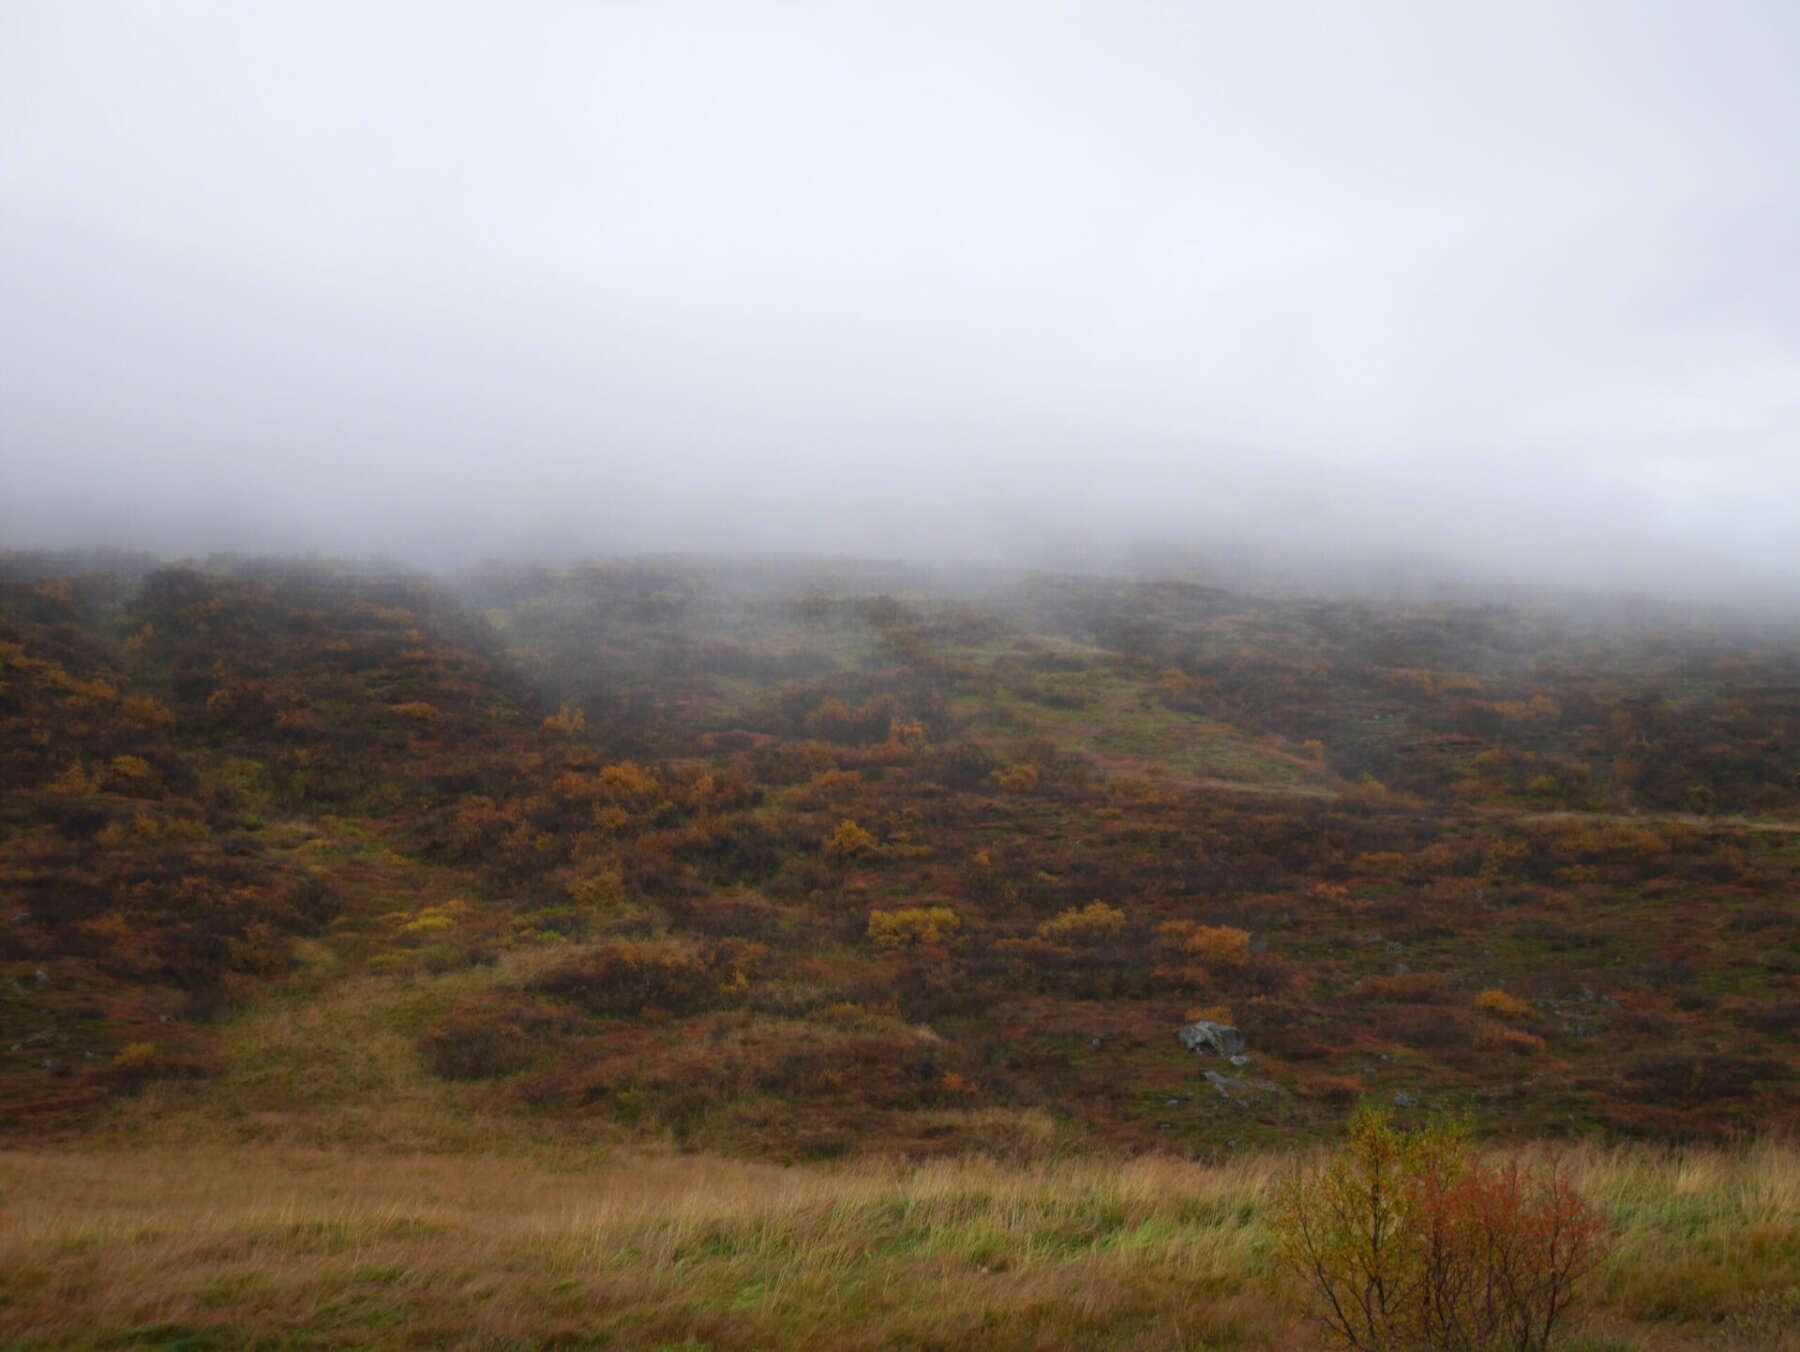 เที่ยวไอซ์แลนด์ด้วยตัวเอง